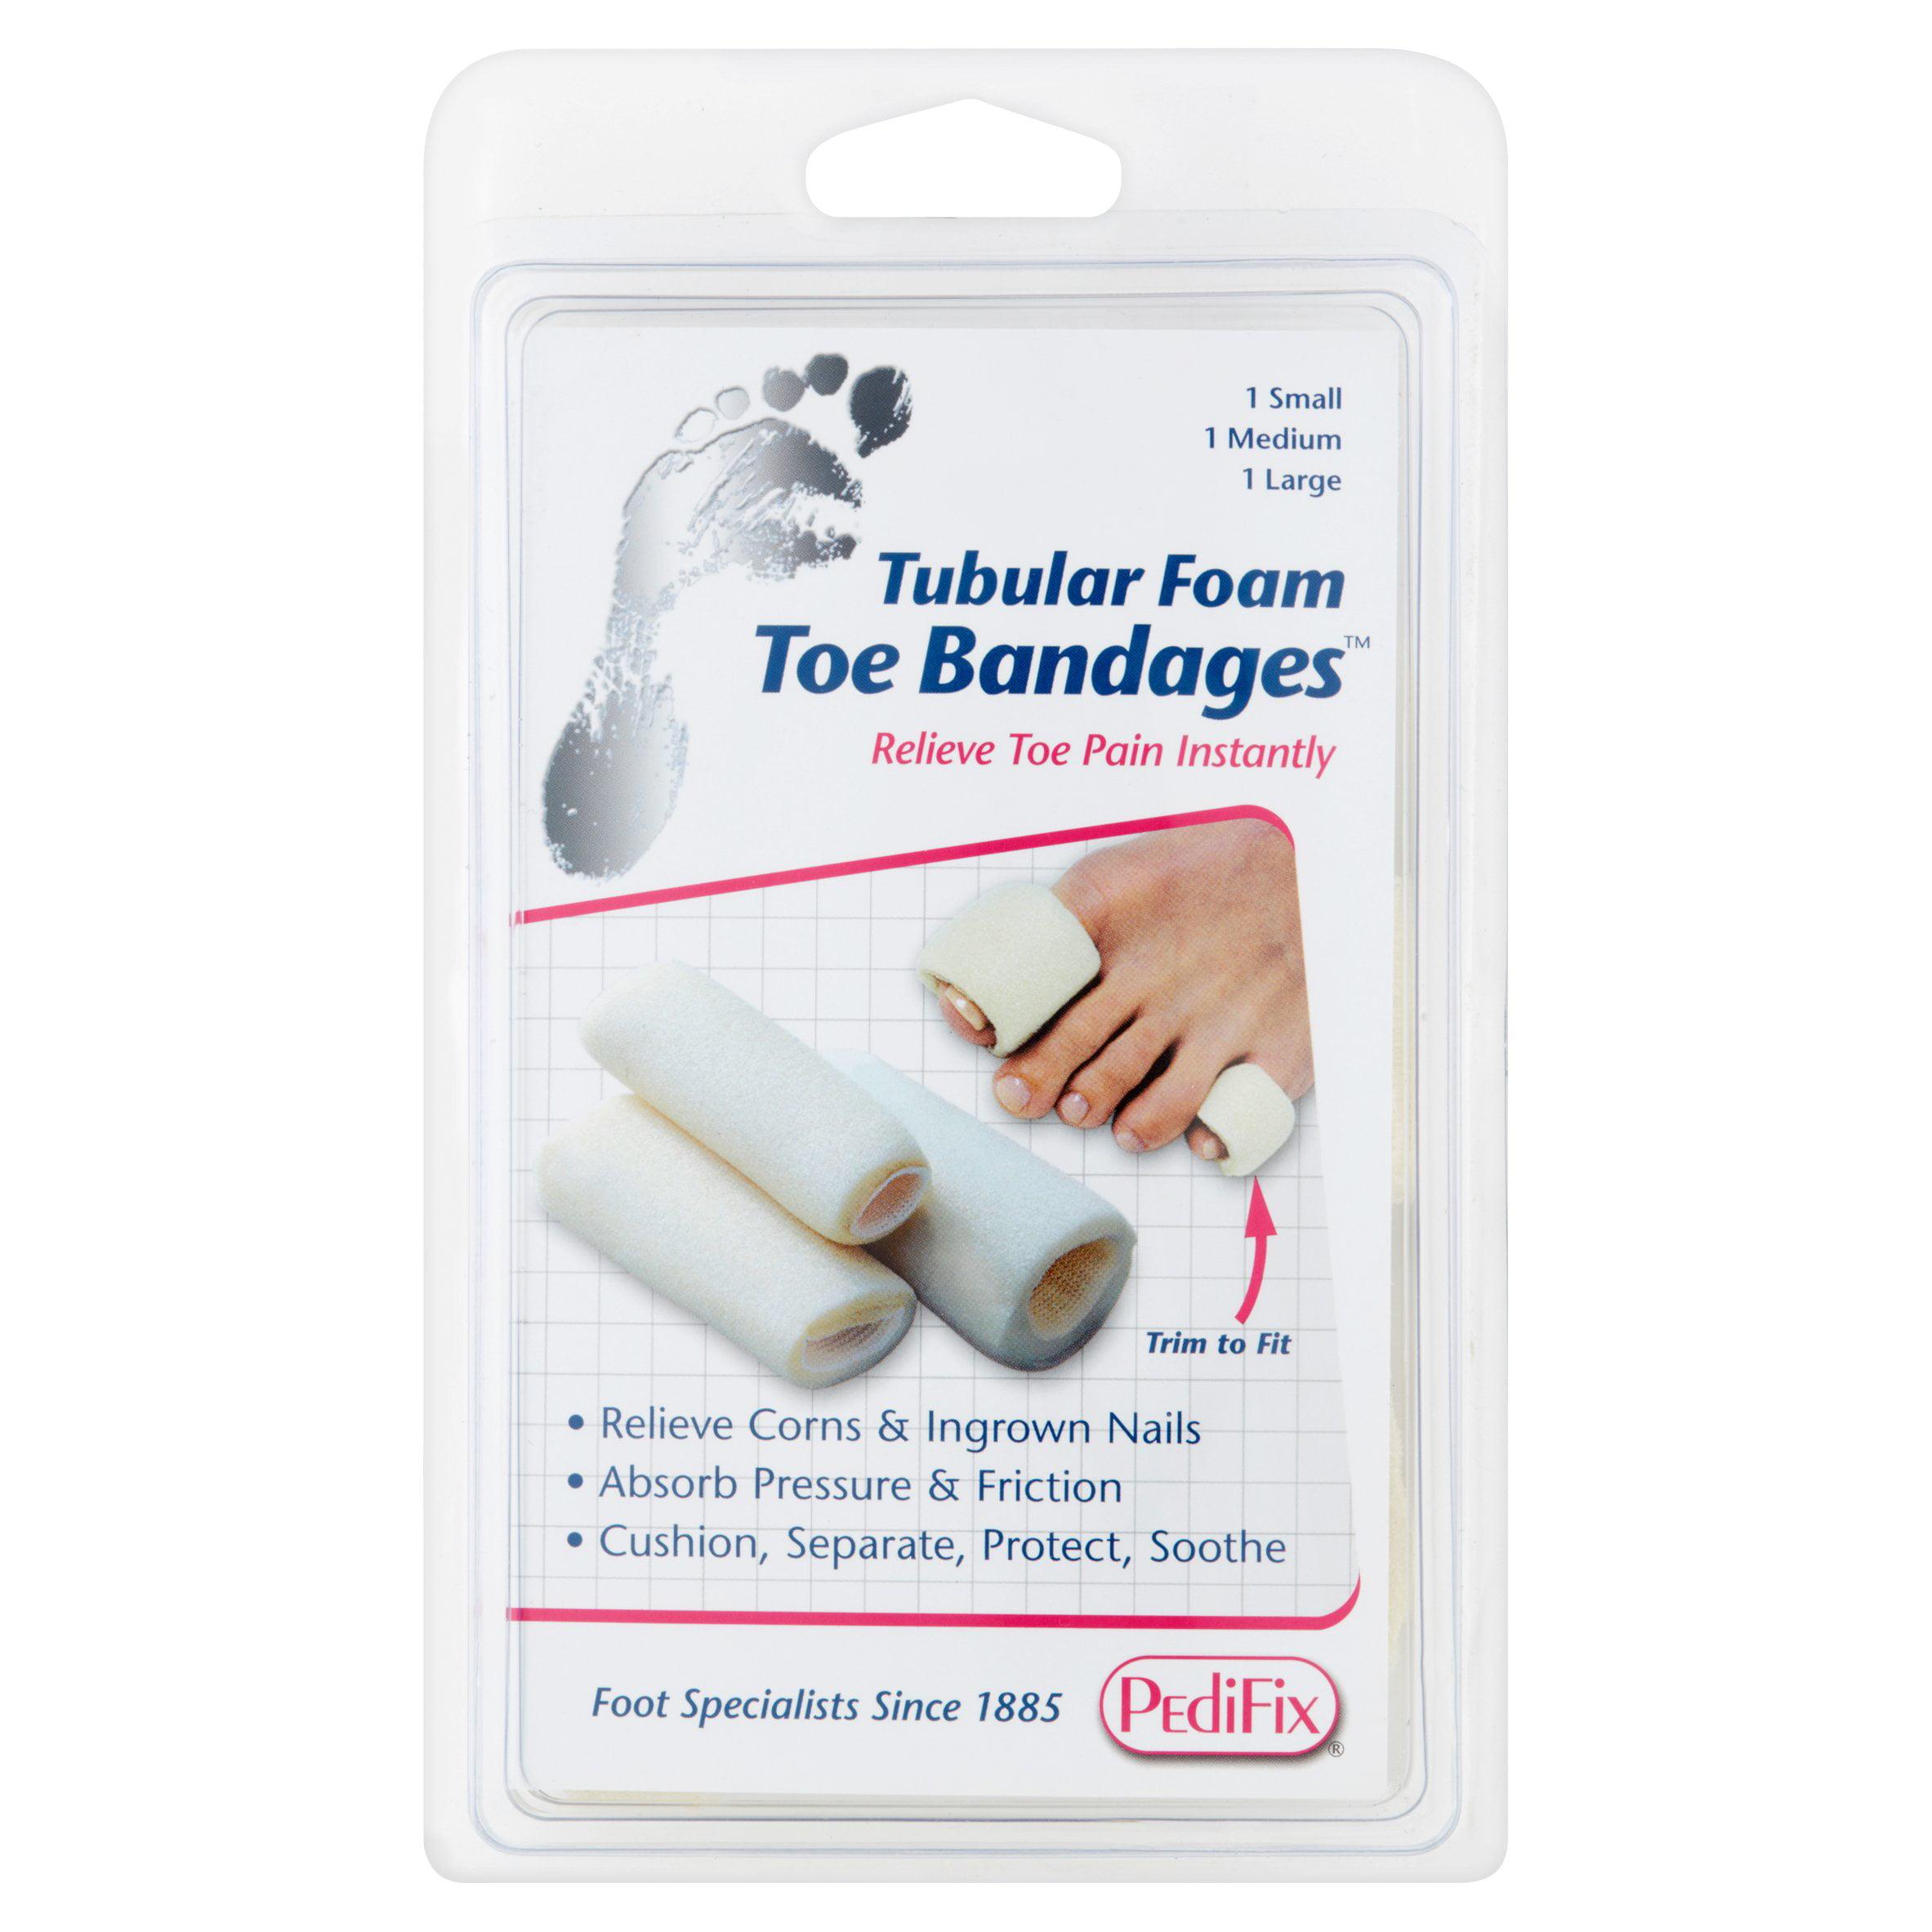 PediFix Tubular Foam Toe Bandages